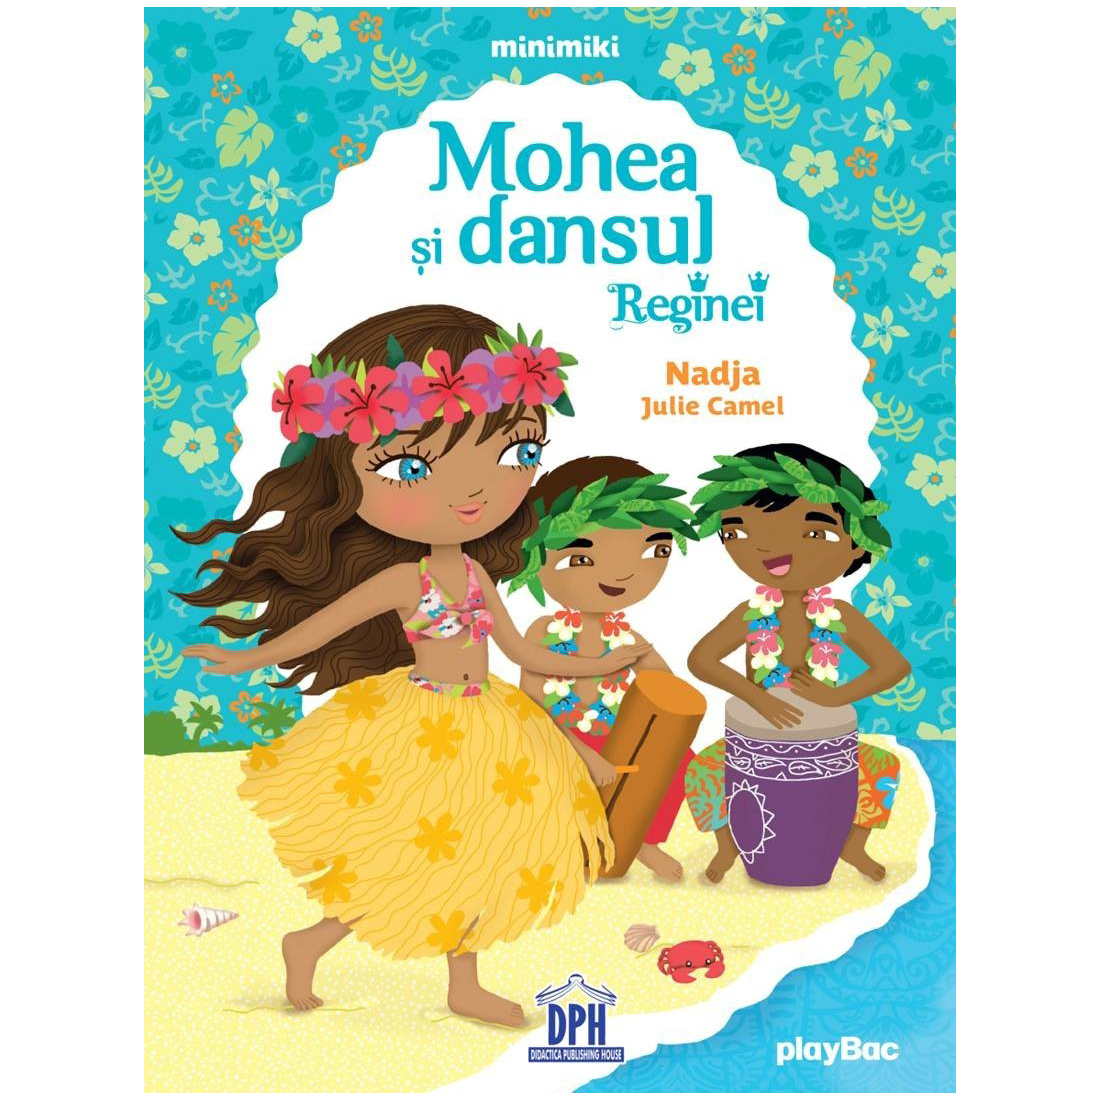 Carte Mohea si dansul reginei, Editura DPH imagine